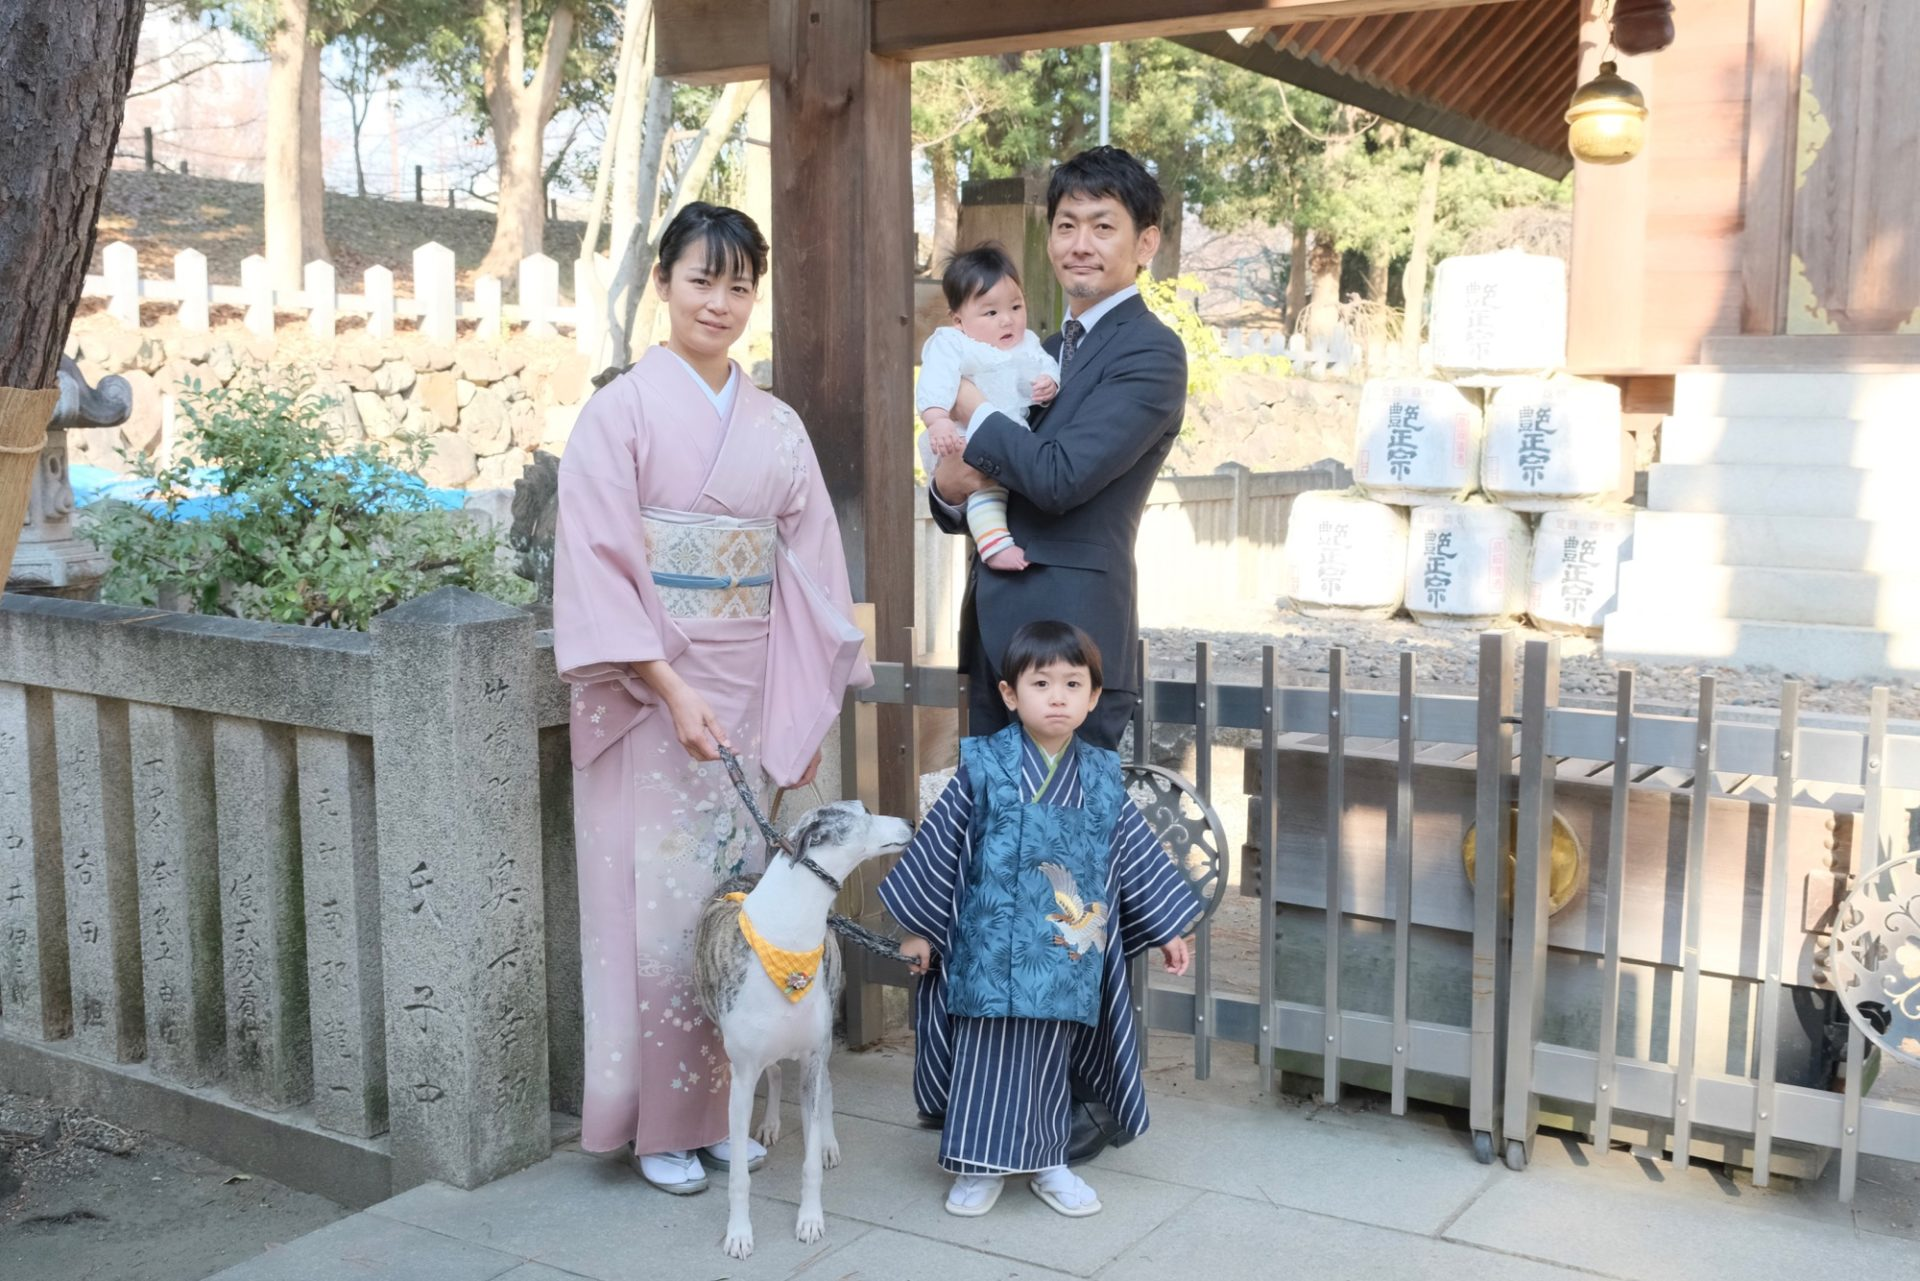 茨木神社でお宮参りと七五三の写真